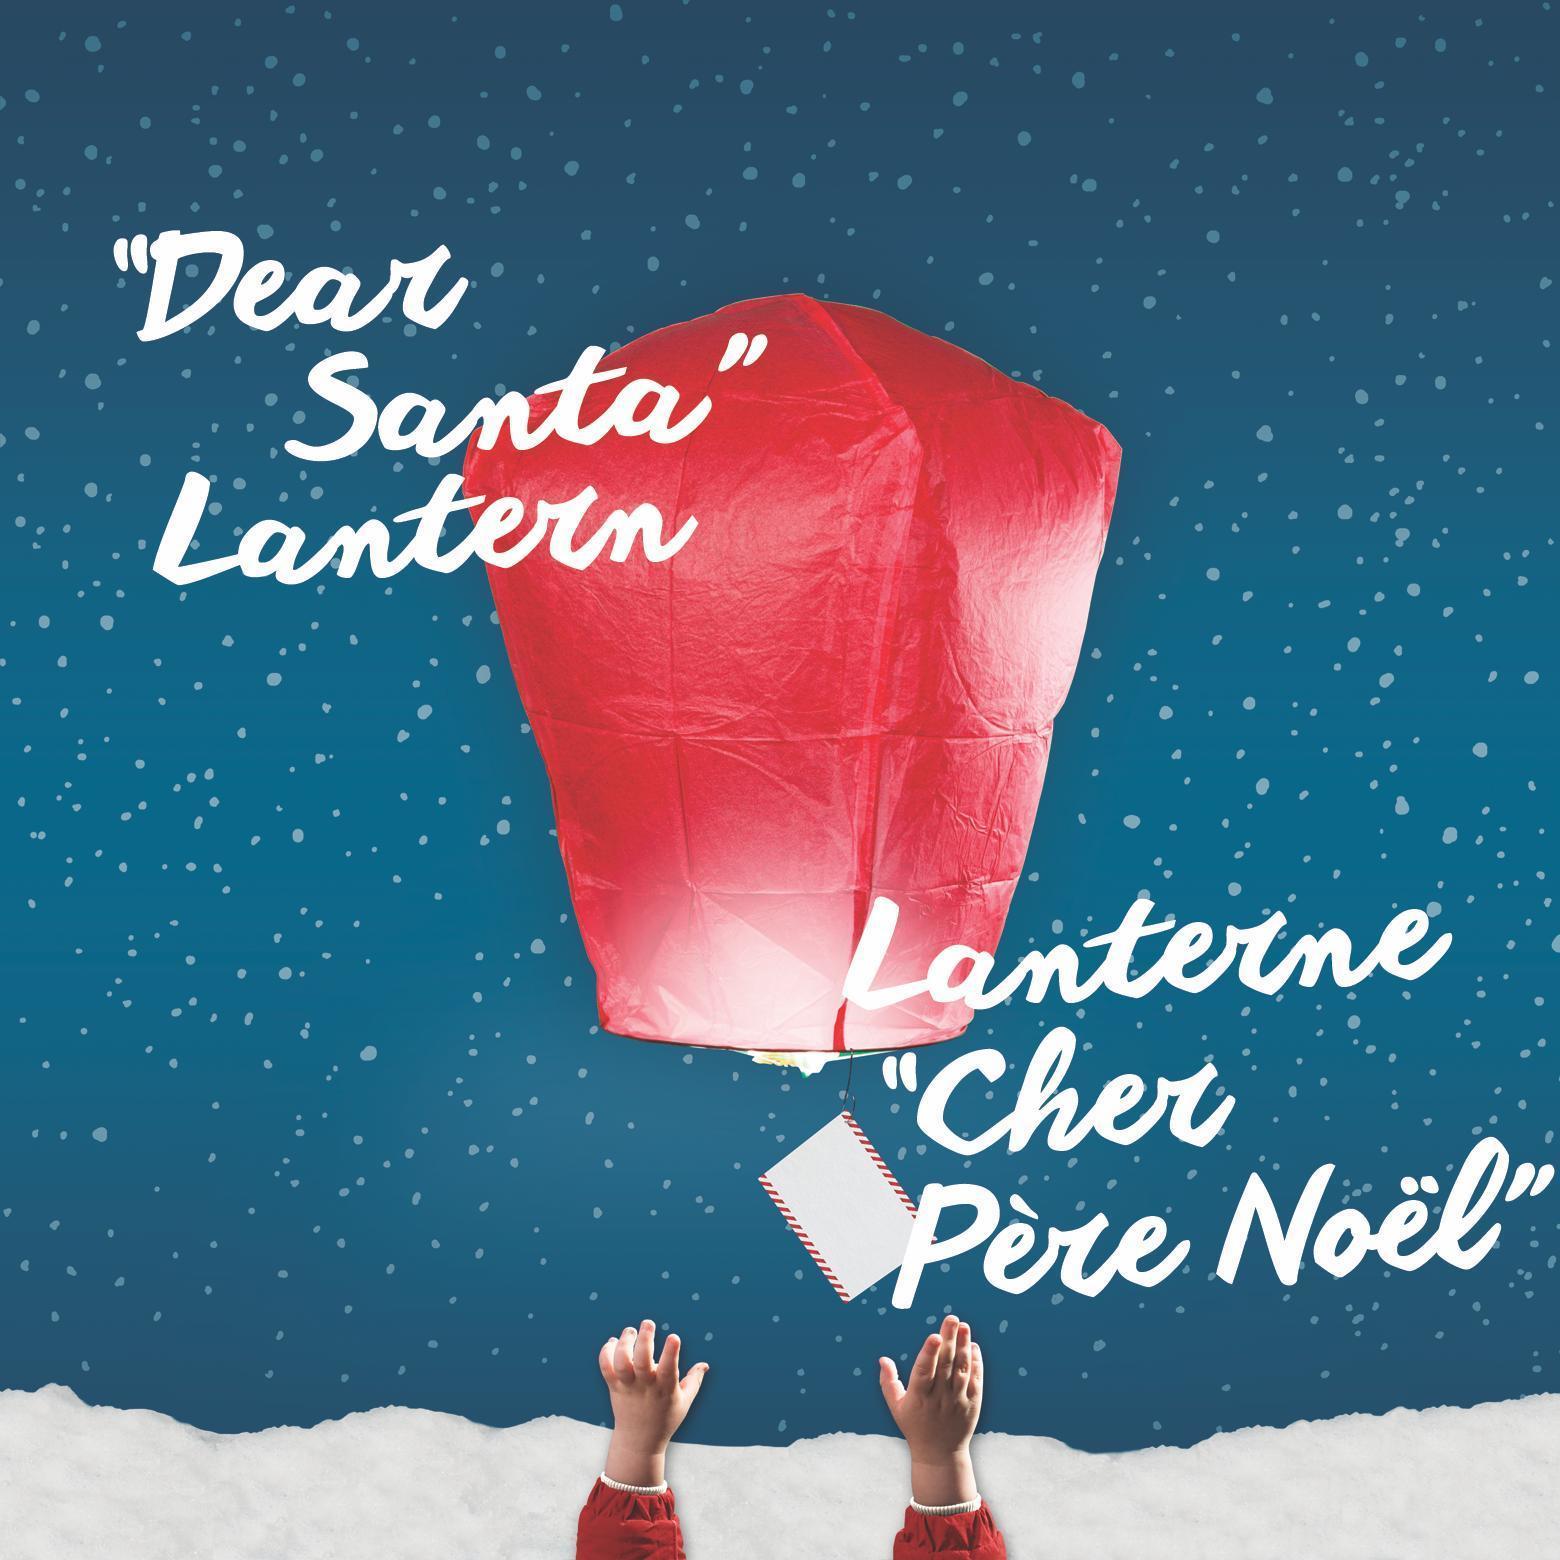 Dear Santa Lantern - fliegende Laterne